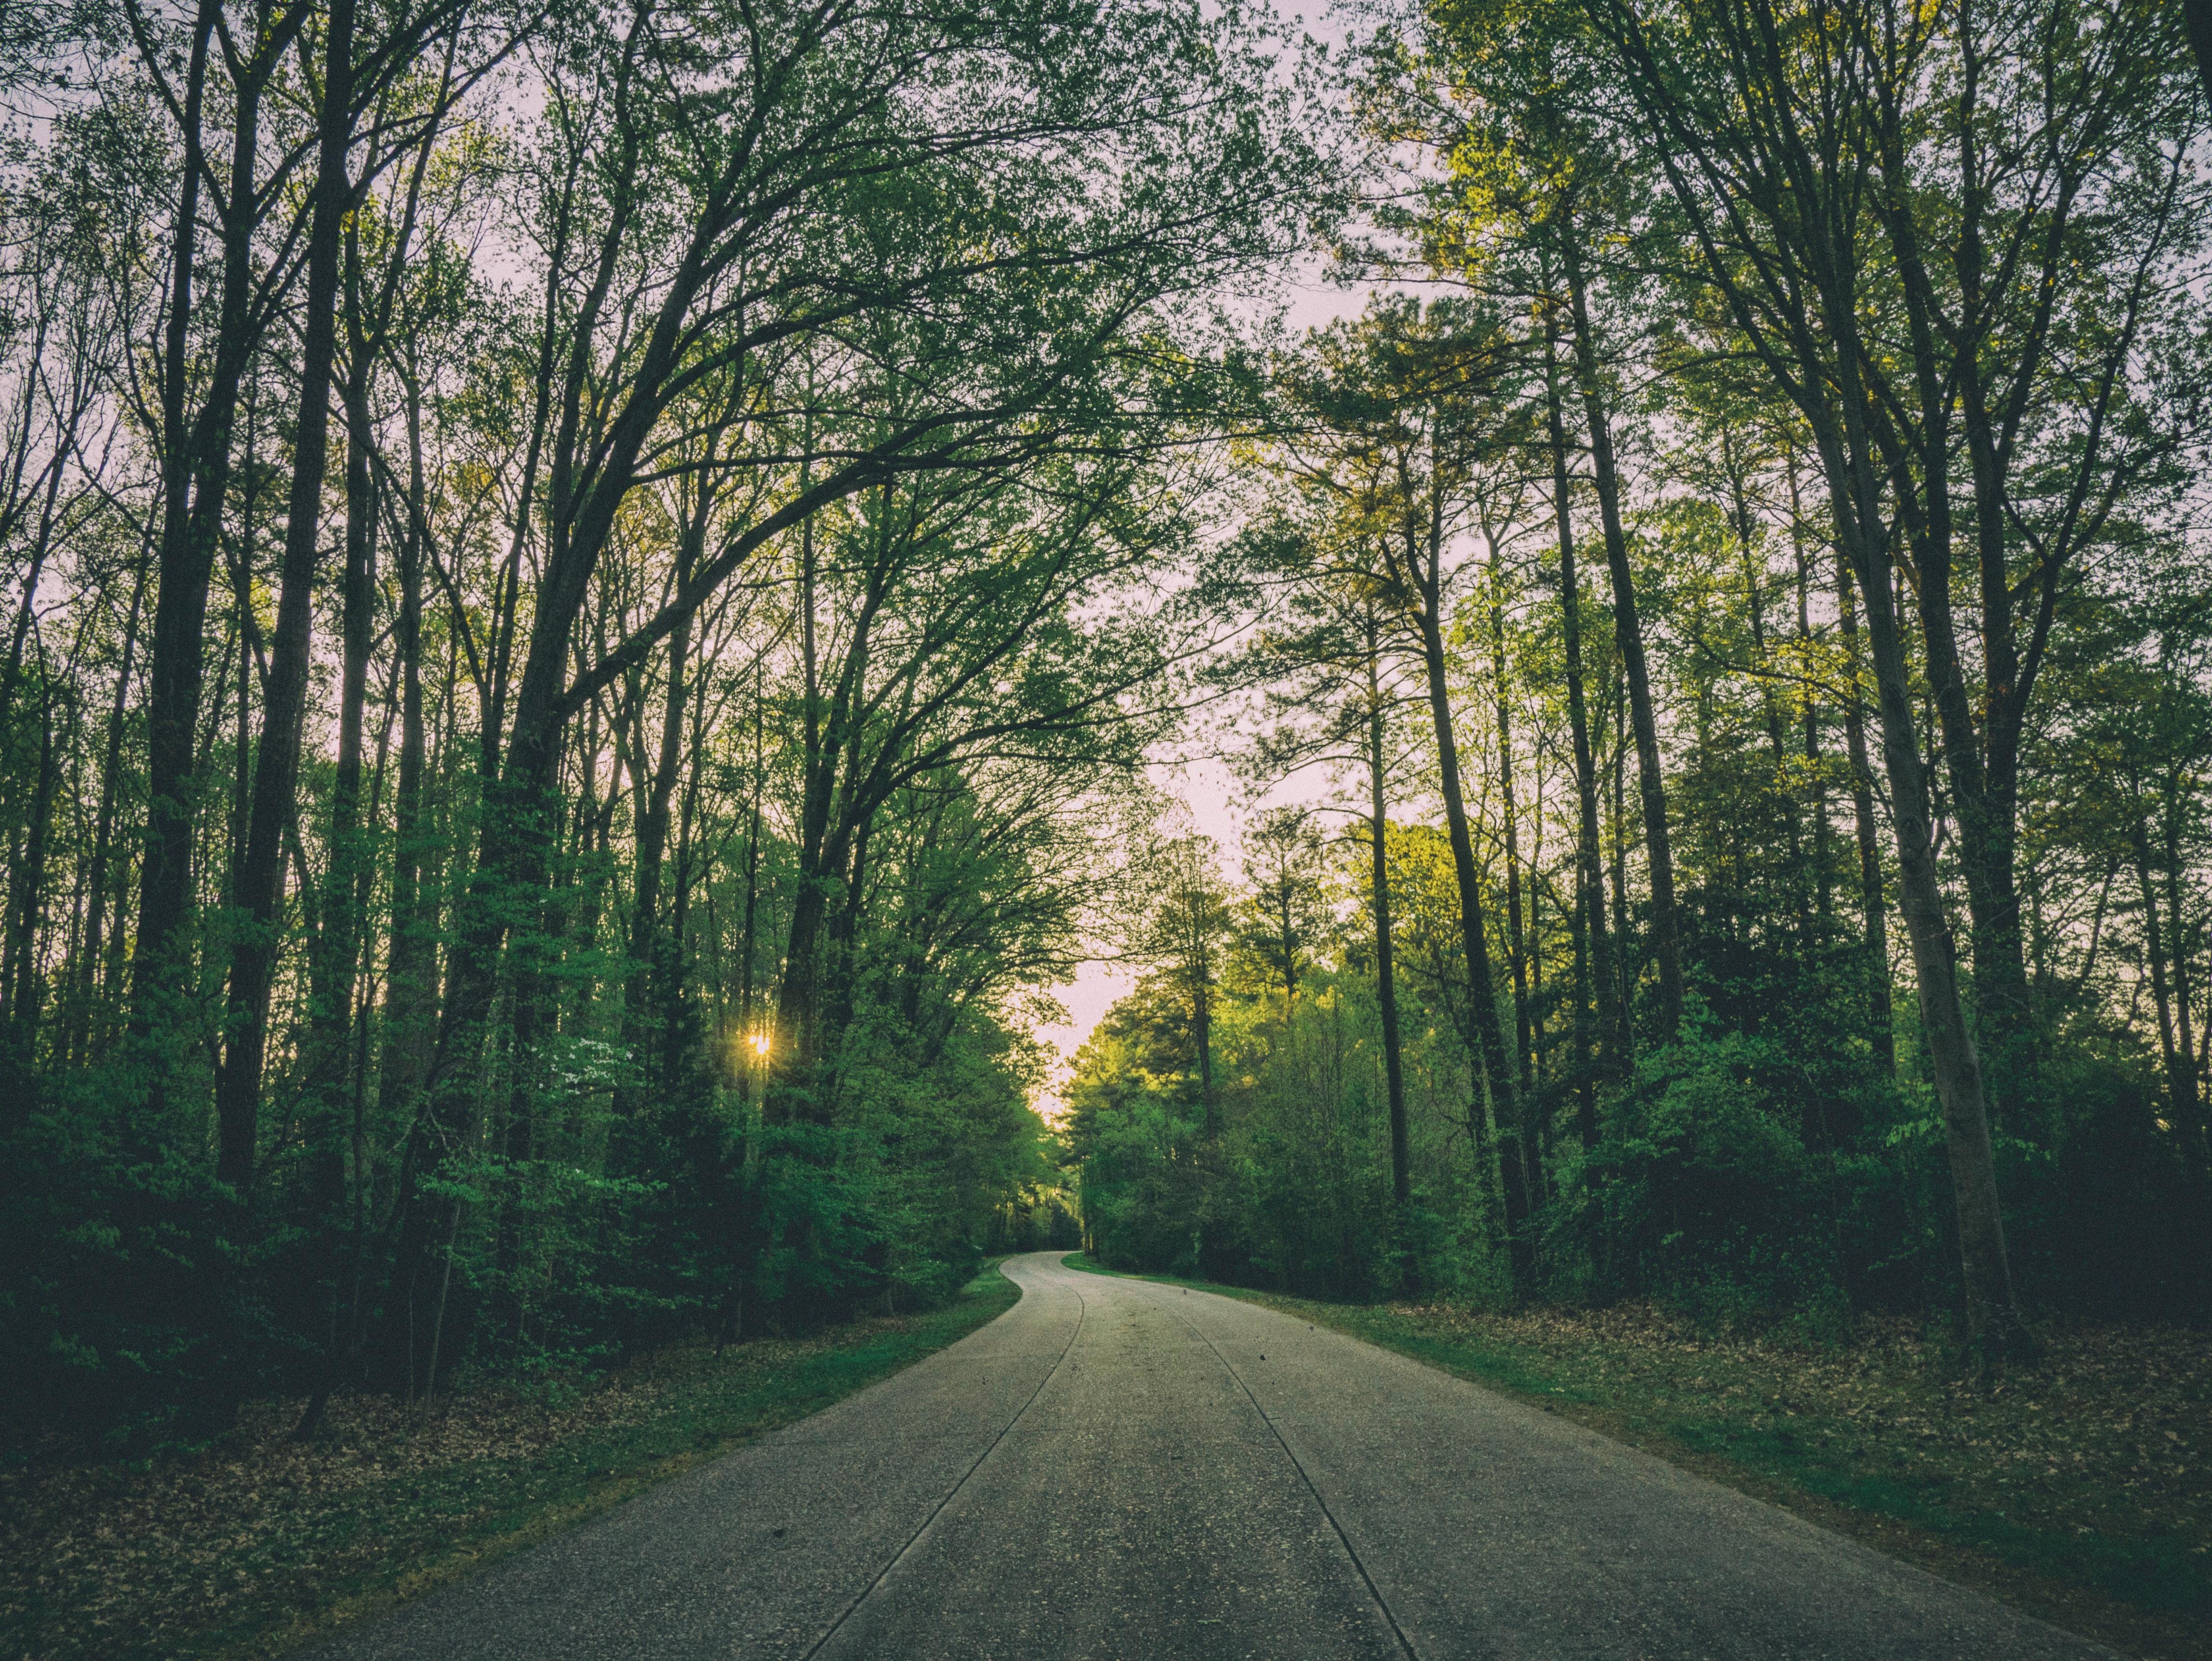 Image - ForestPathGreen - unsplash.jpg